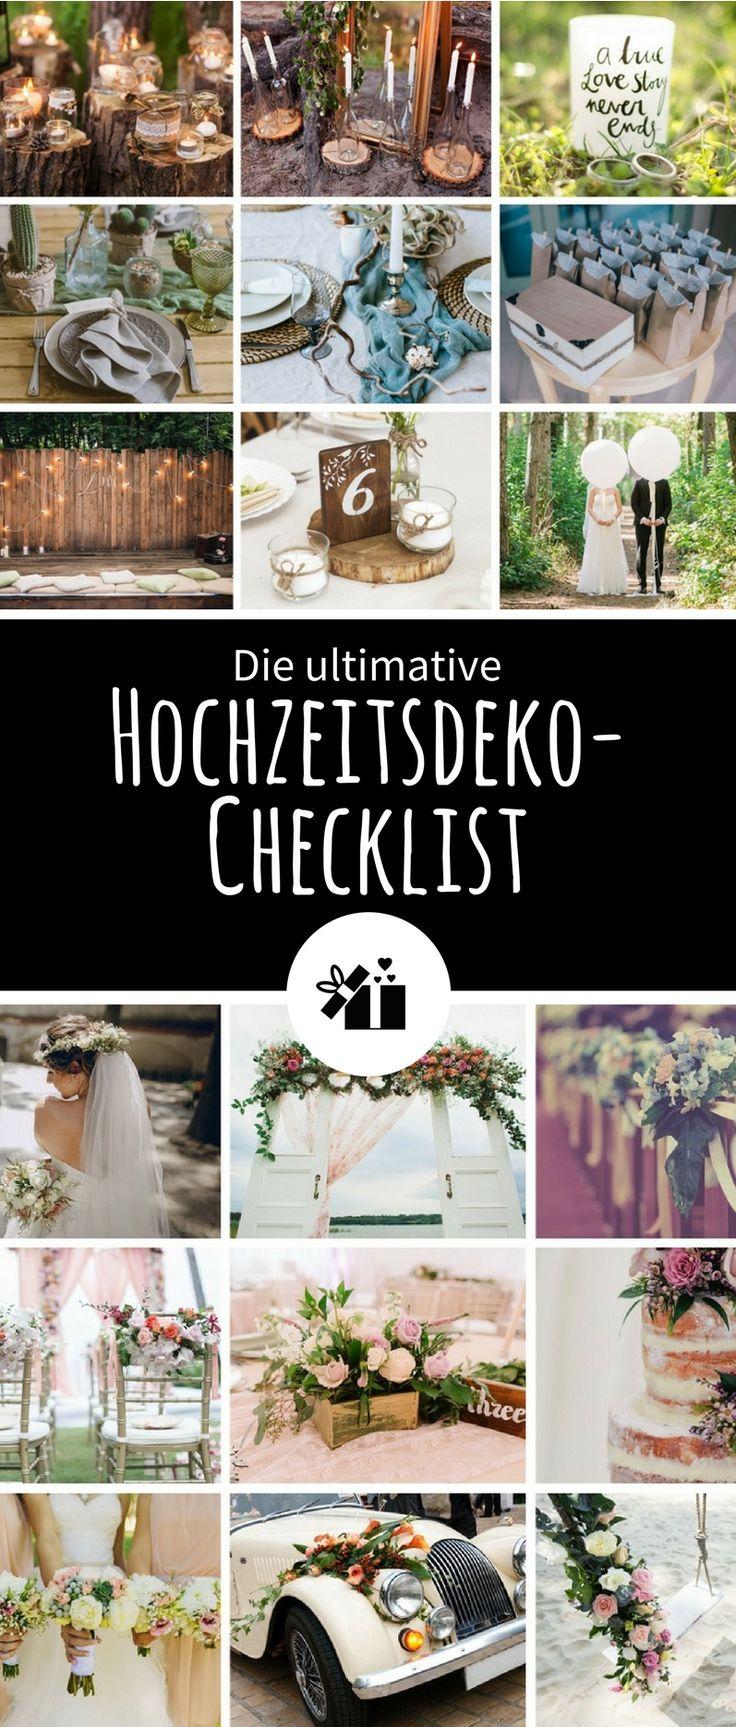 Die ultimative Hochzeitsdeko-Checklist